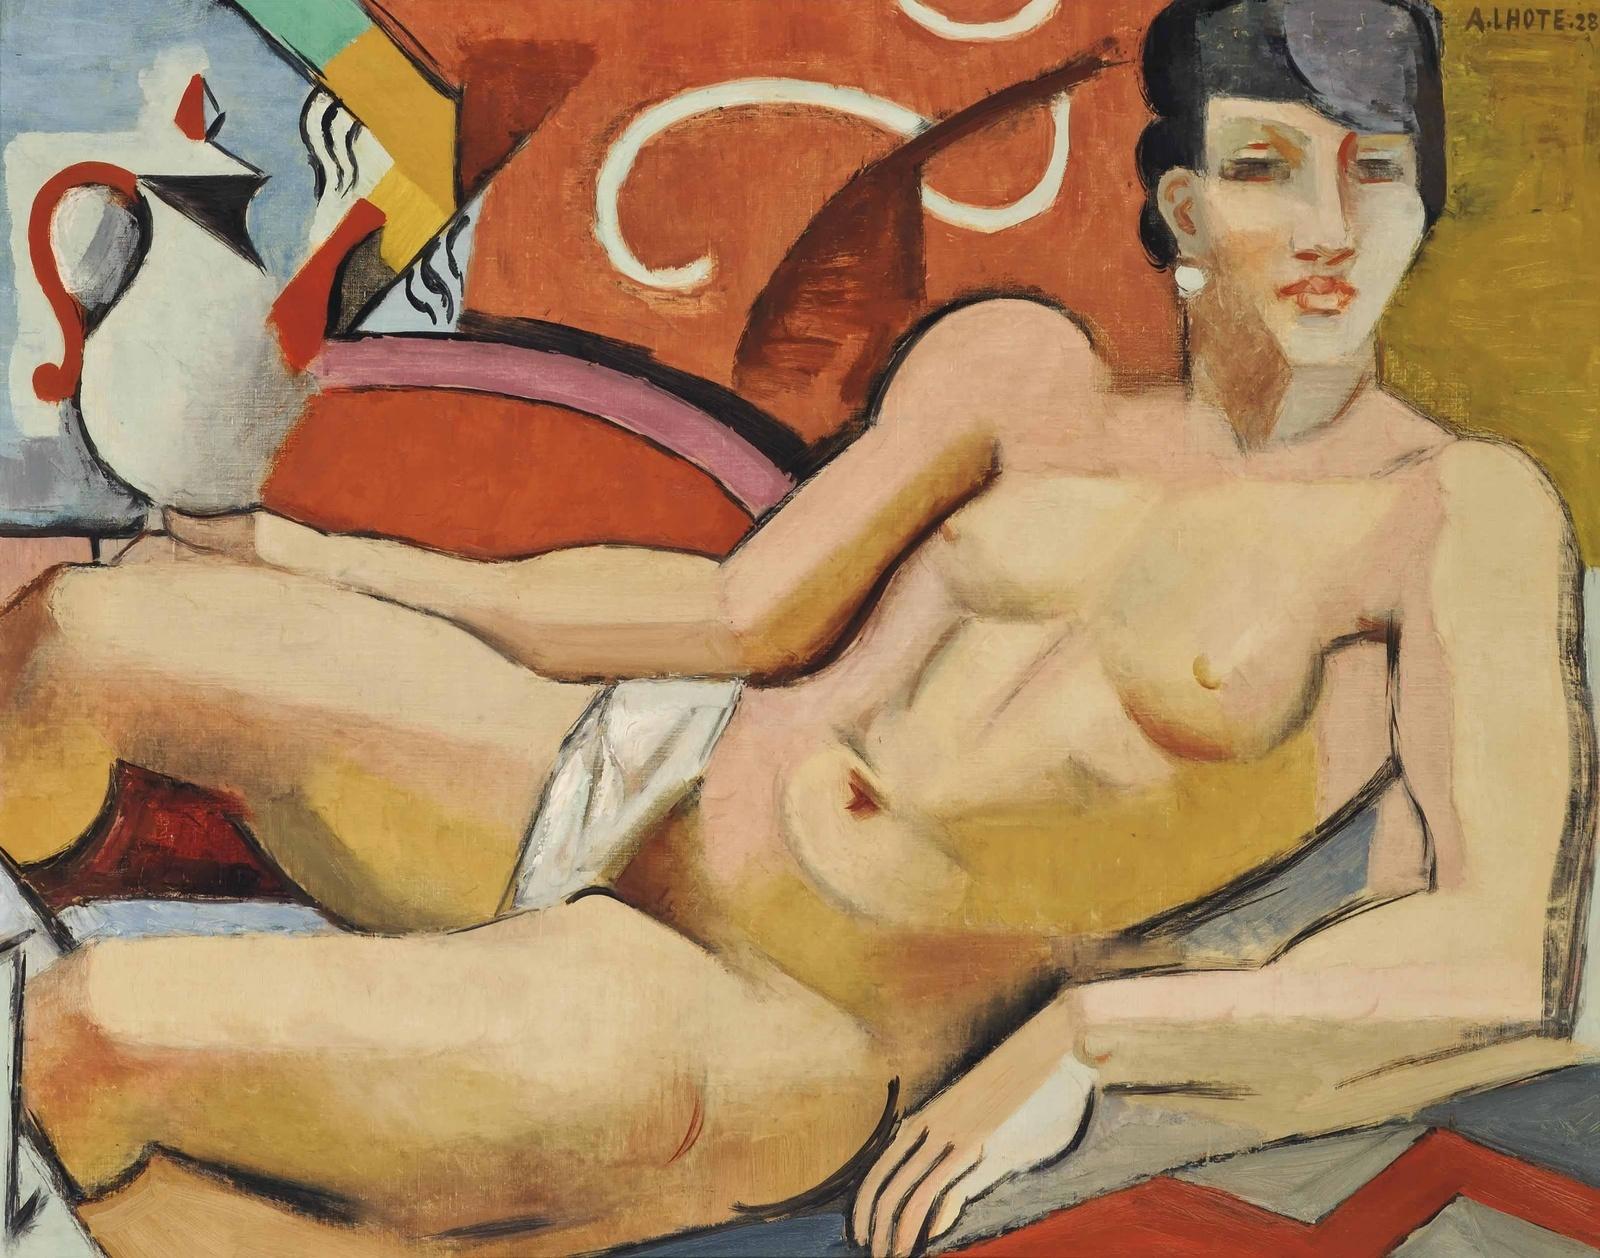 Андре Лот. 1928. Обнаженная с чайником (Nude with kettle). 73.2 x 92. Холст, масло. Частное собрание.